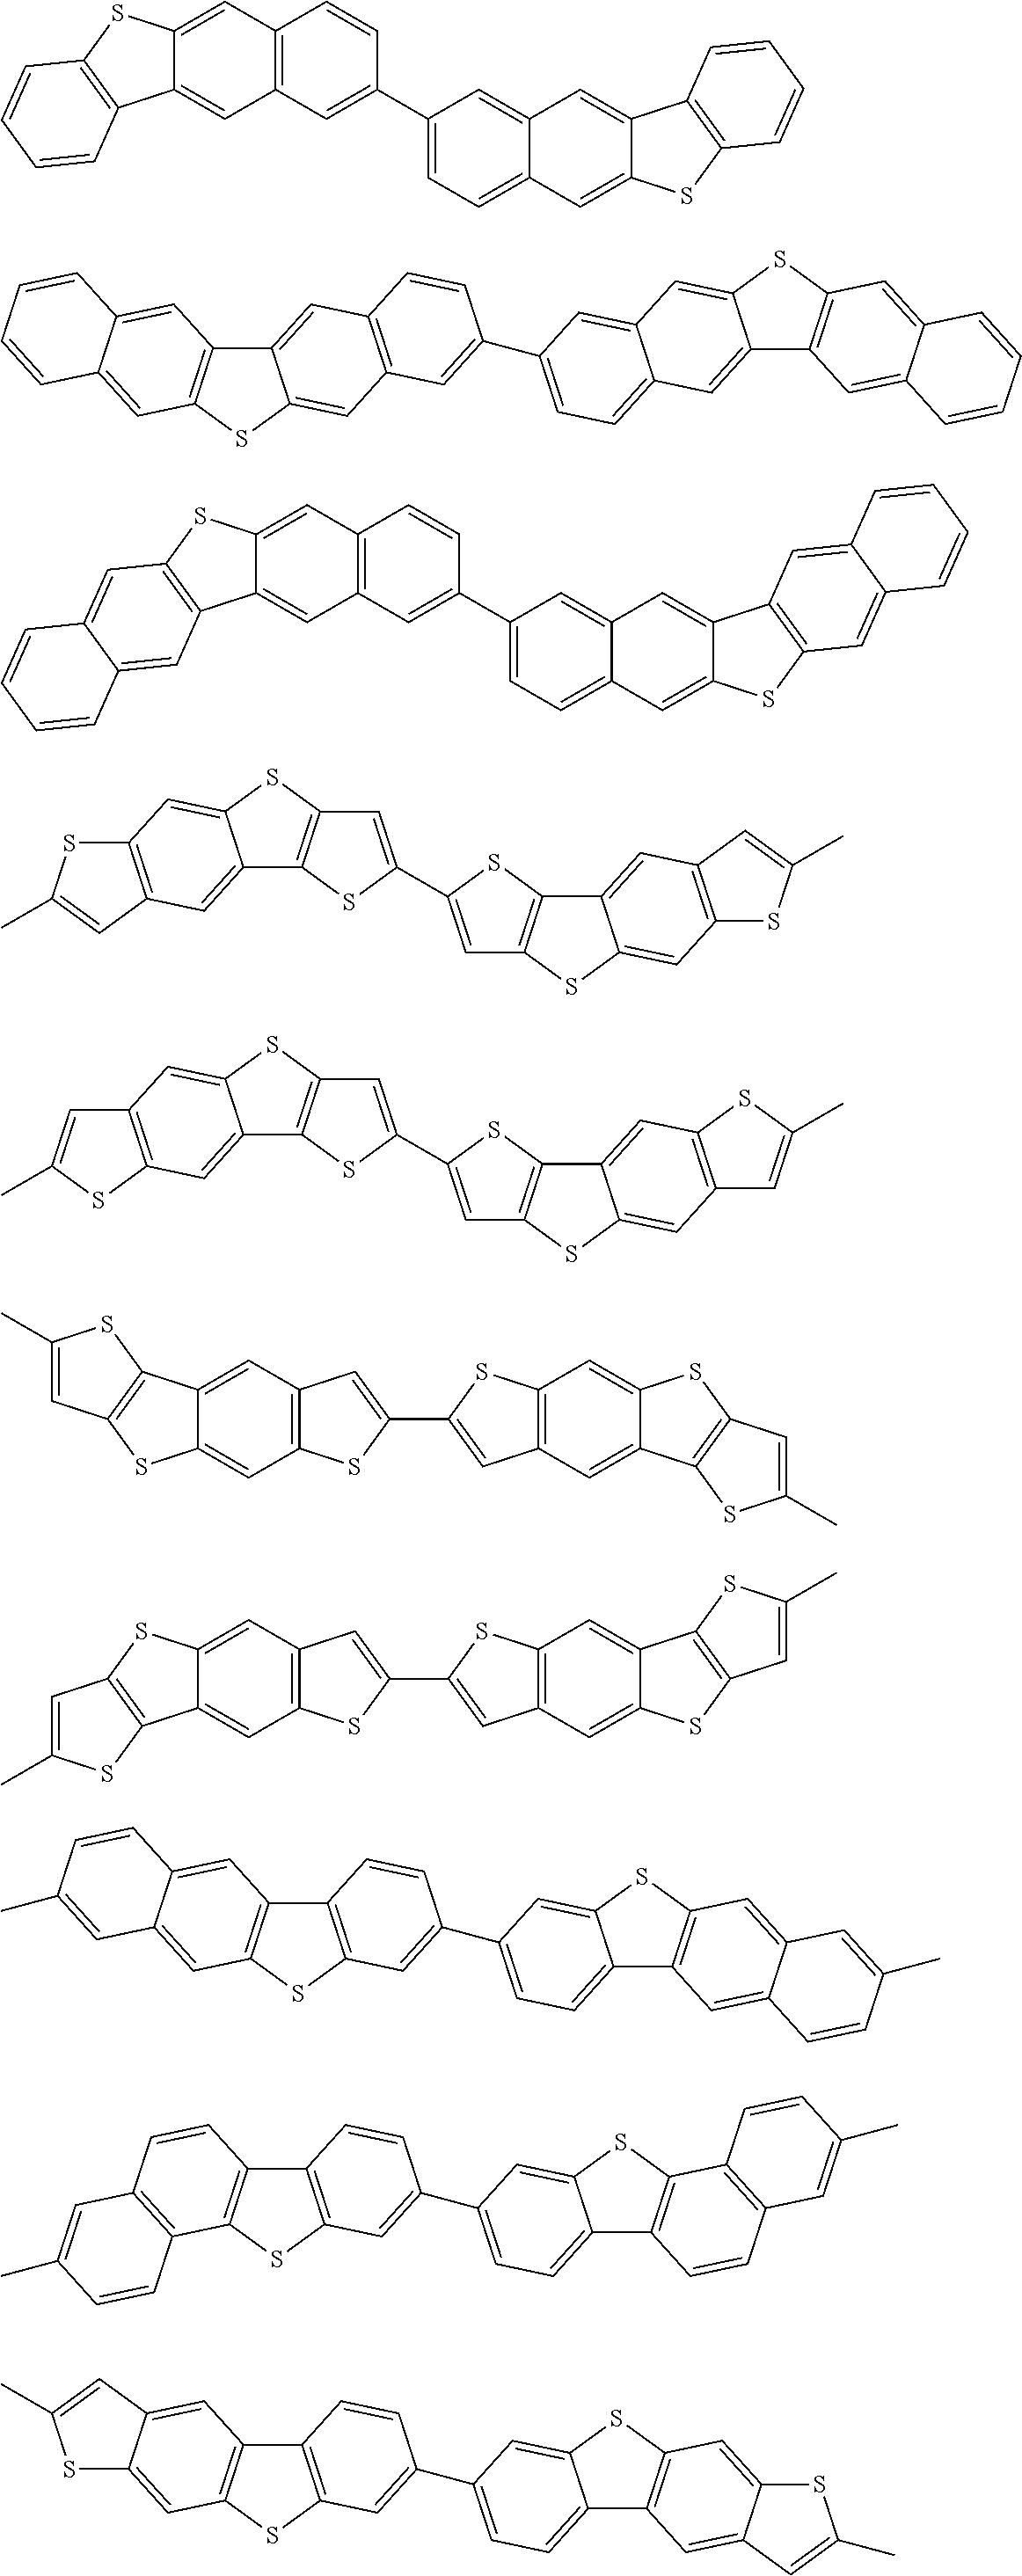 Figure US09985222-20180529-C00021